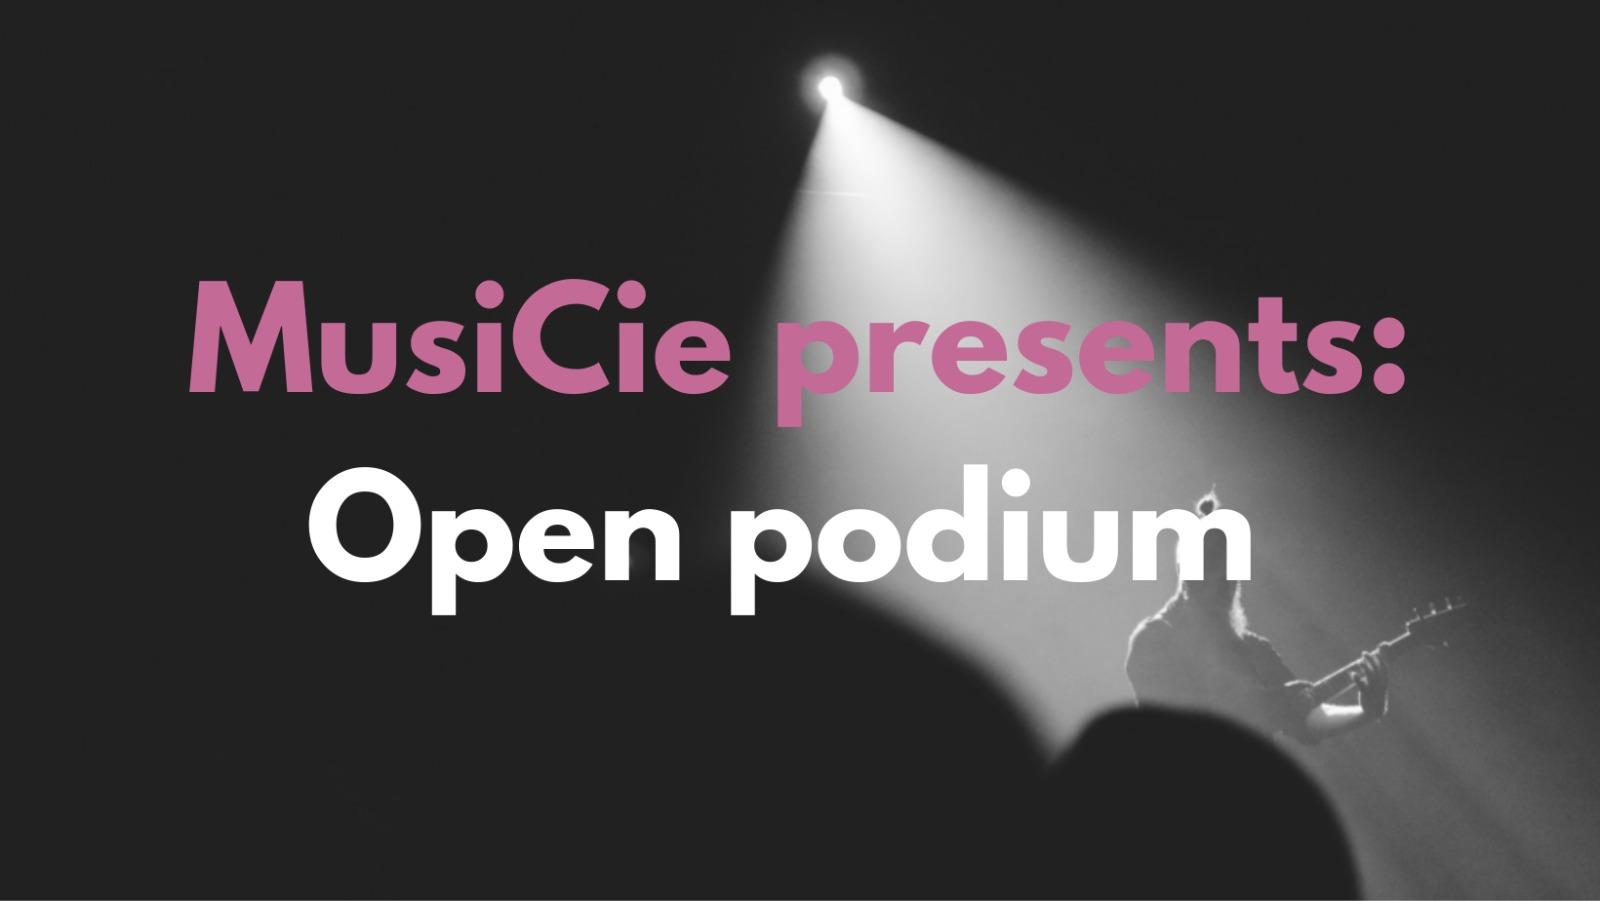 MusiCie: Open Podium